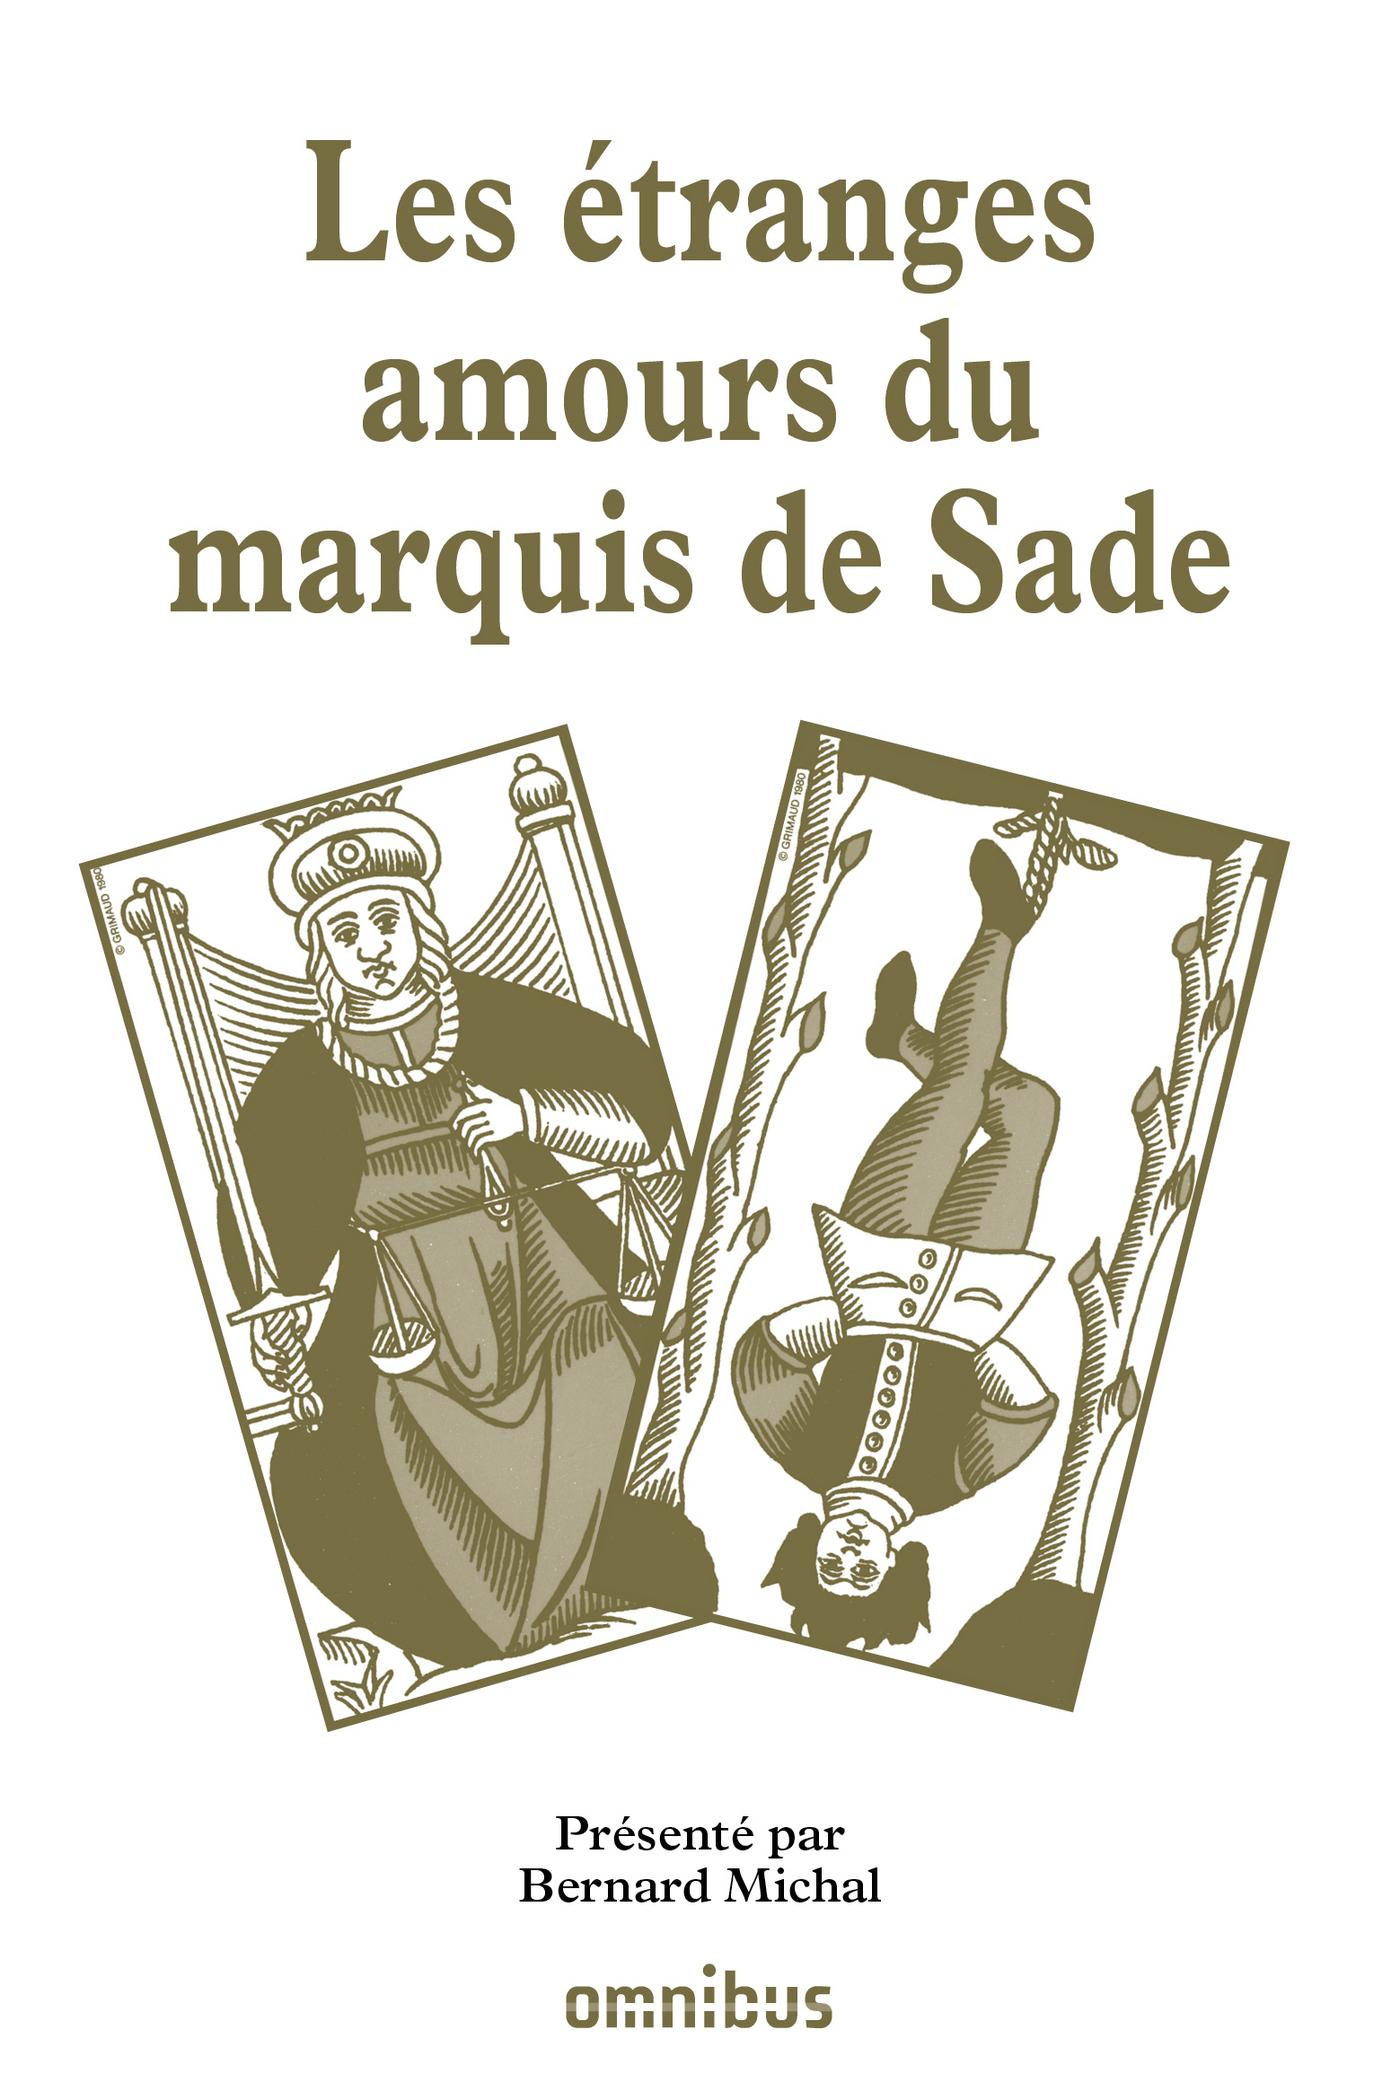 Les étranges amours du marquis de Sade